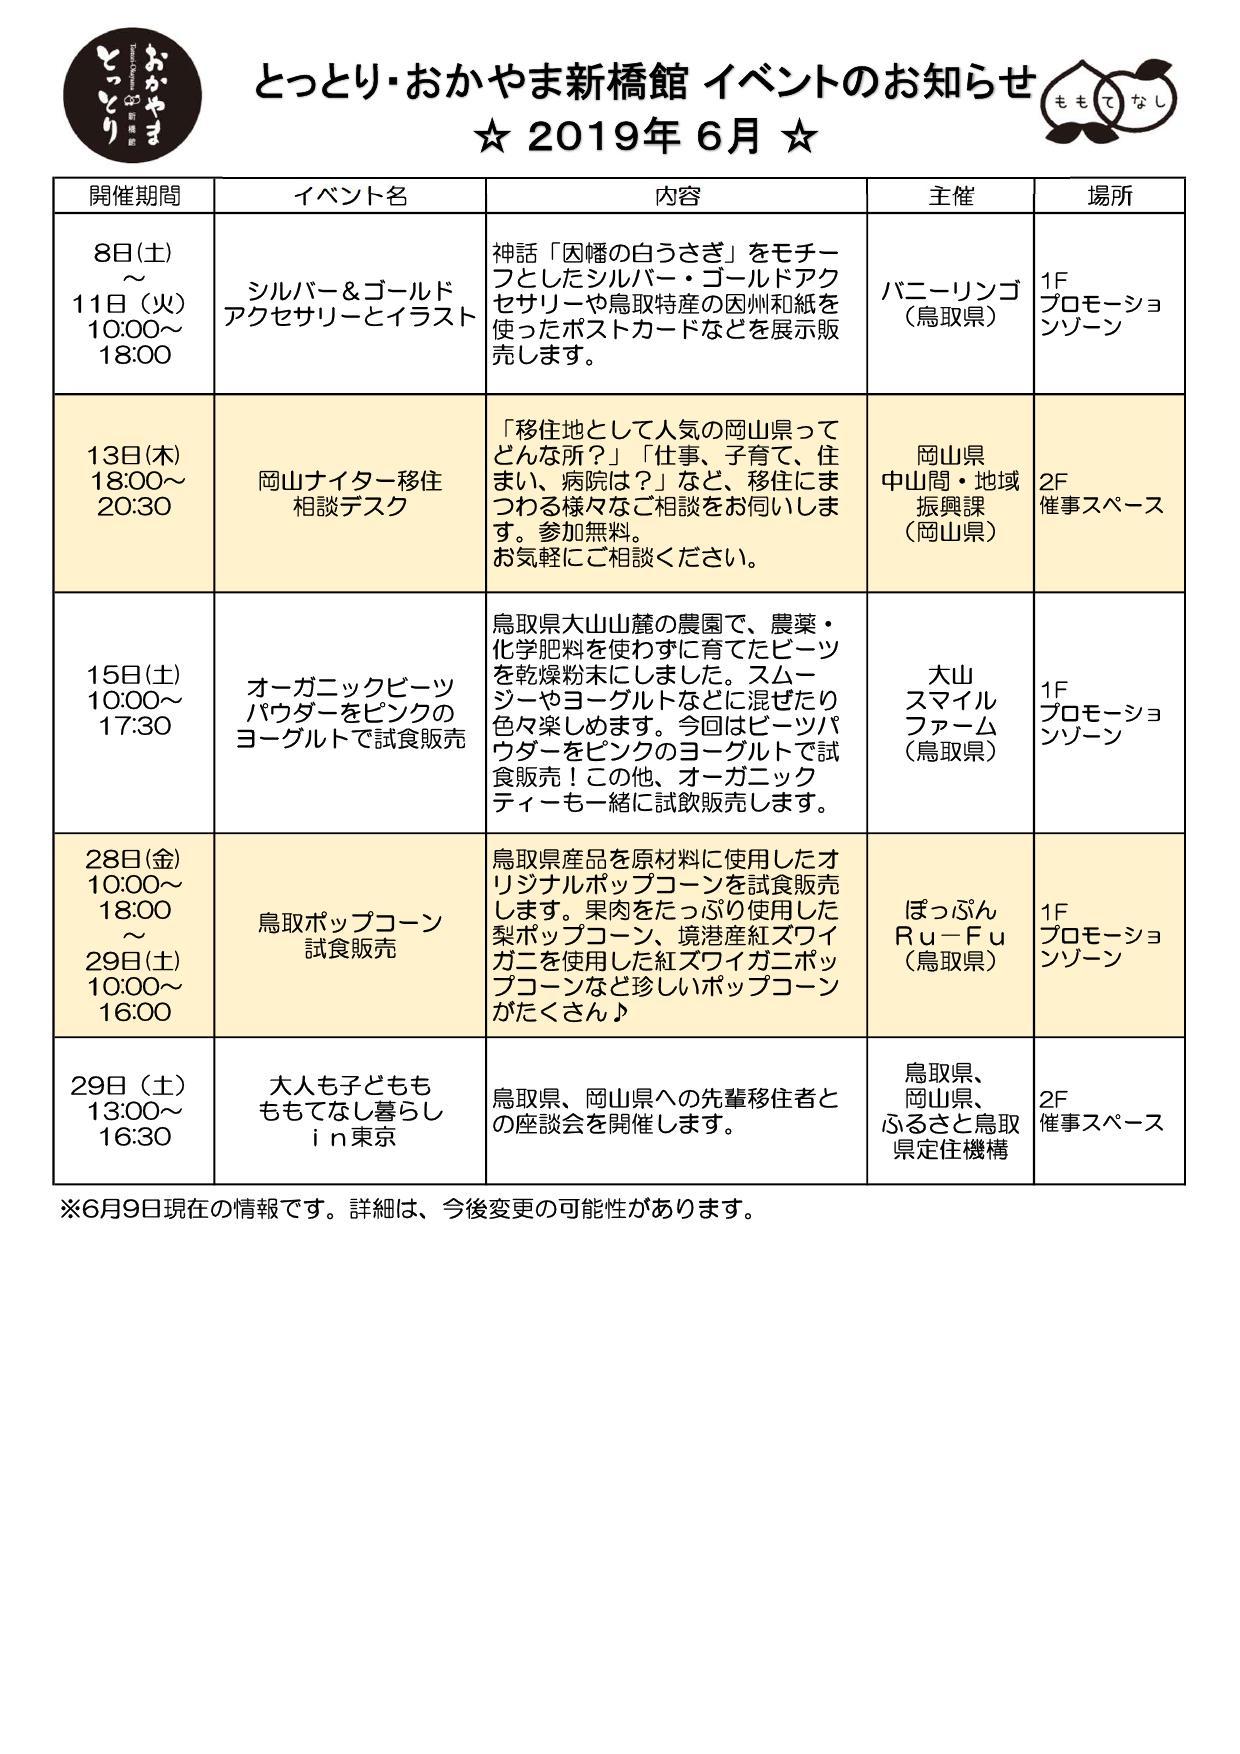 6月_000001